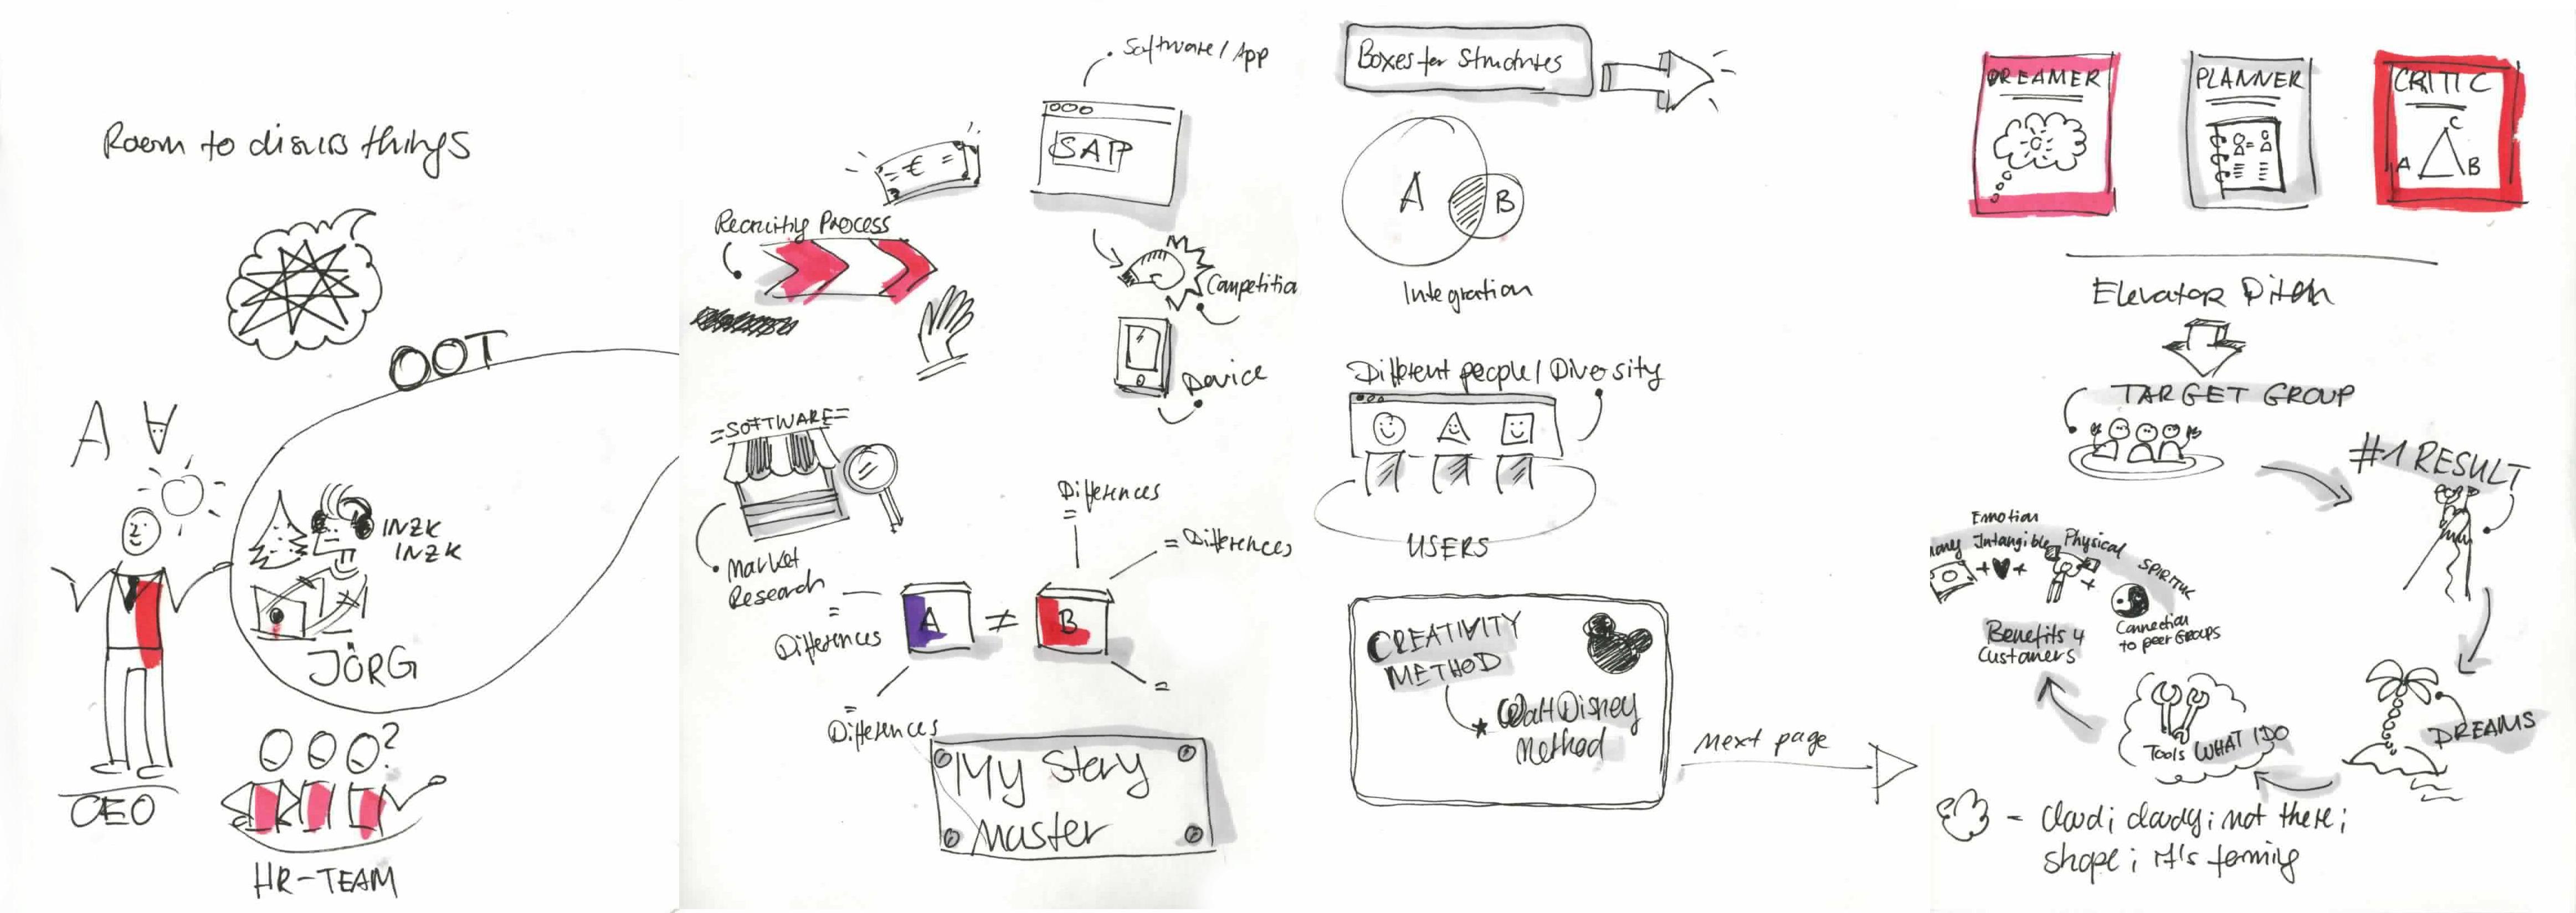 Zeichnungen und Scribbles zur Informationsweitergabe